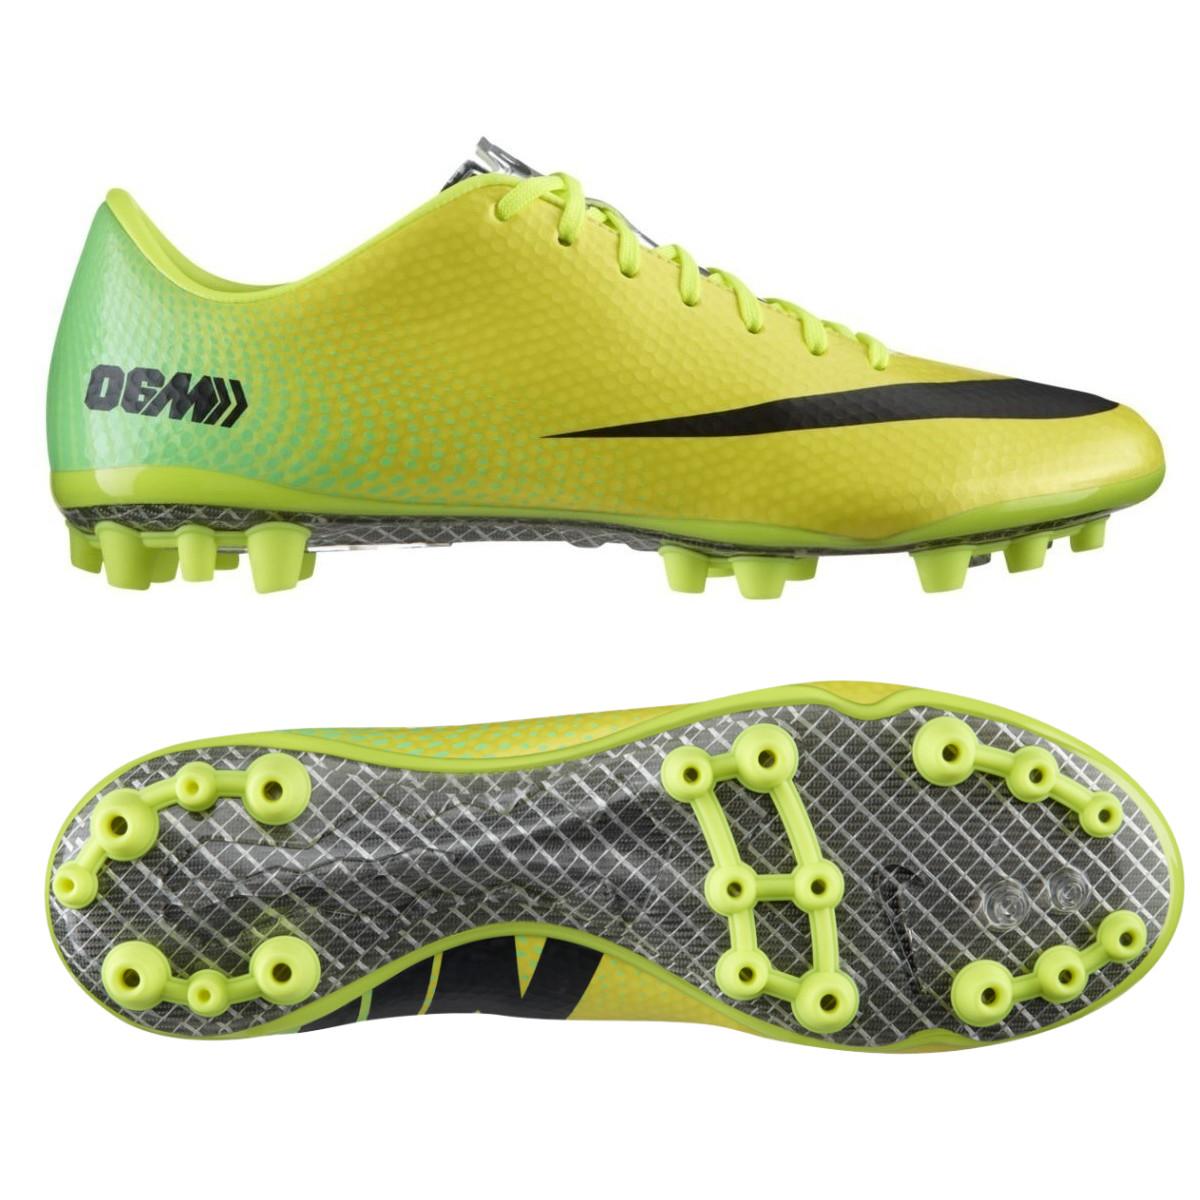 Nike Mercurial Vapor IX AG Schuhe Fußballschuhe Nocken Kunstrasen